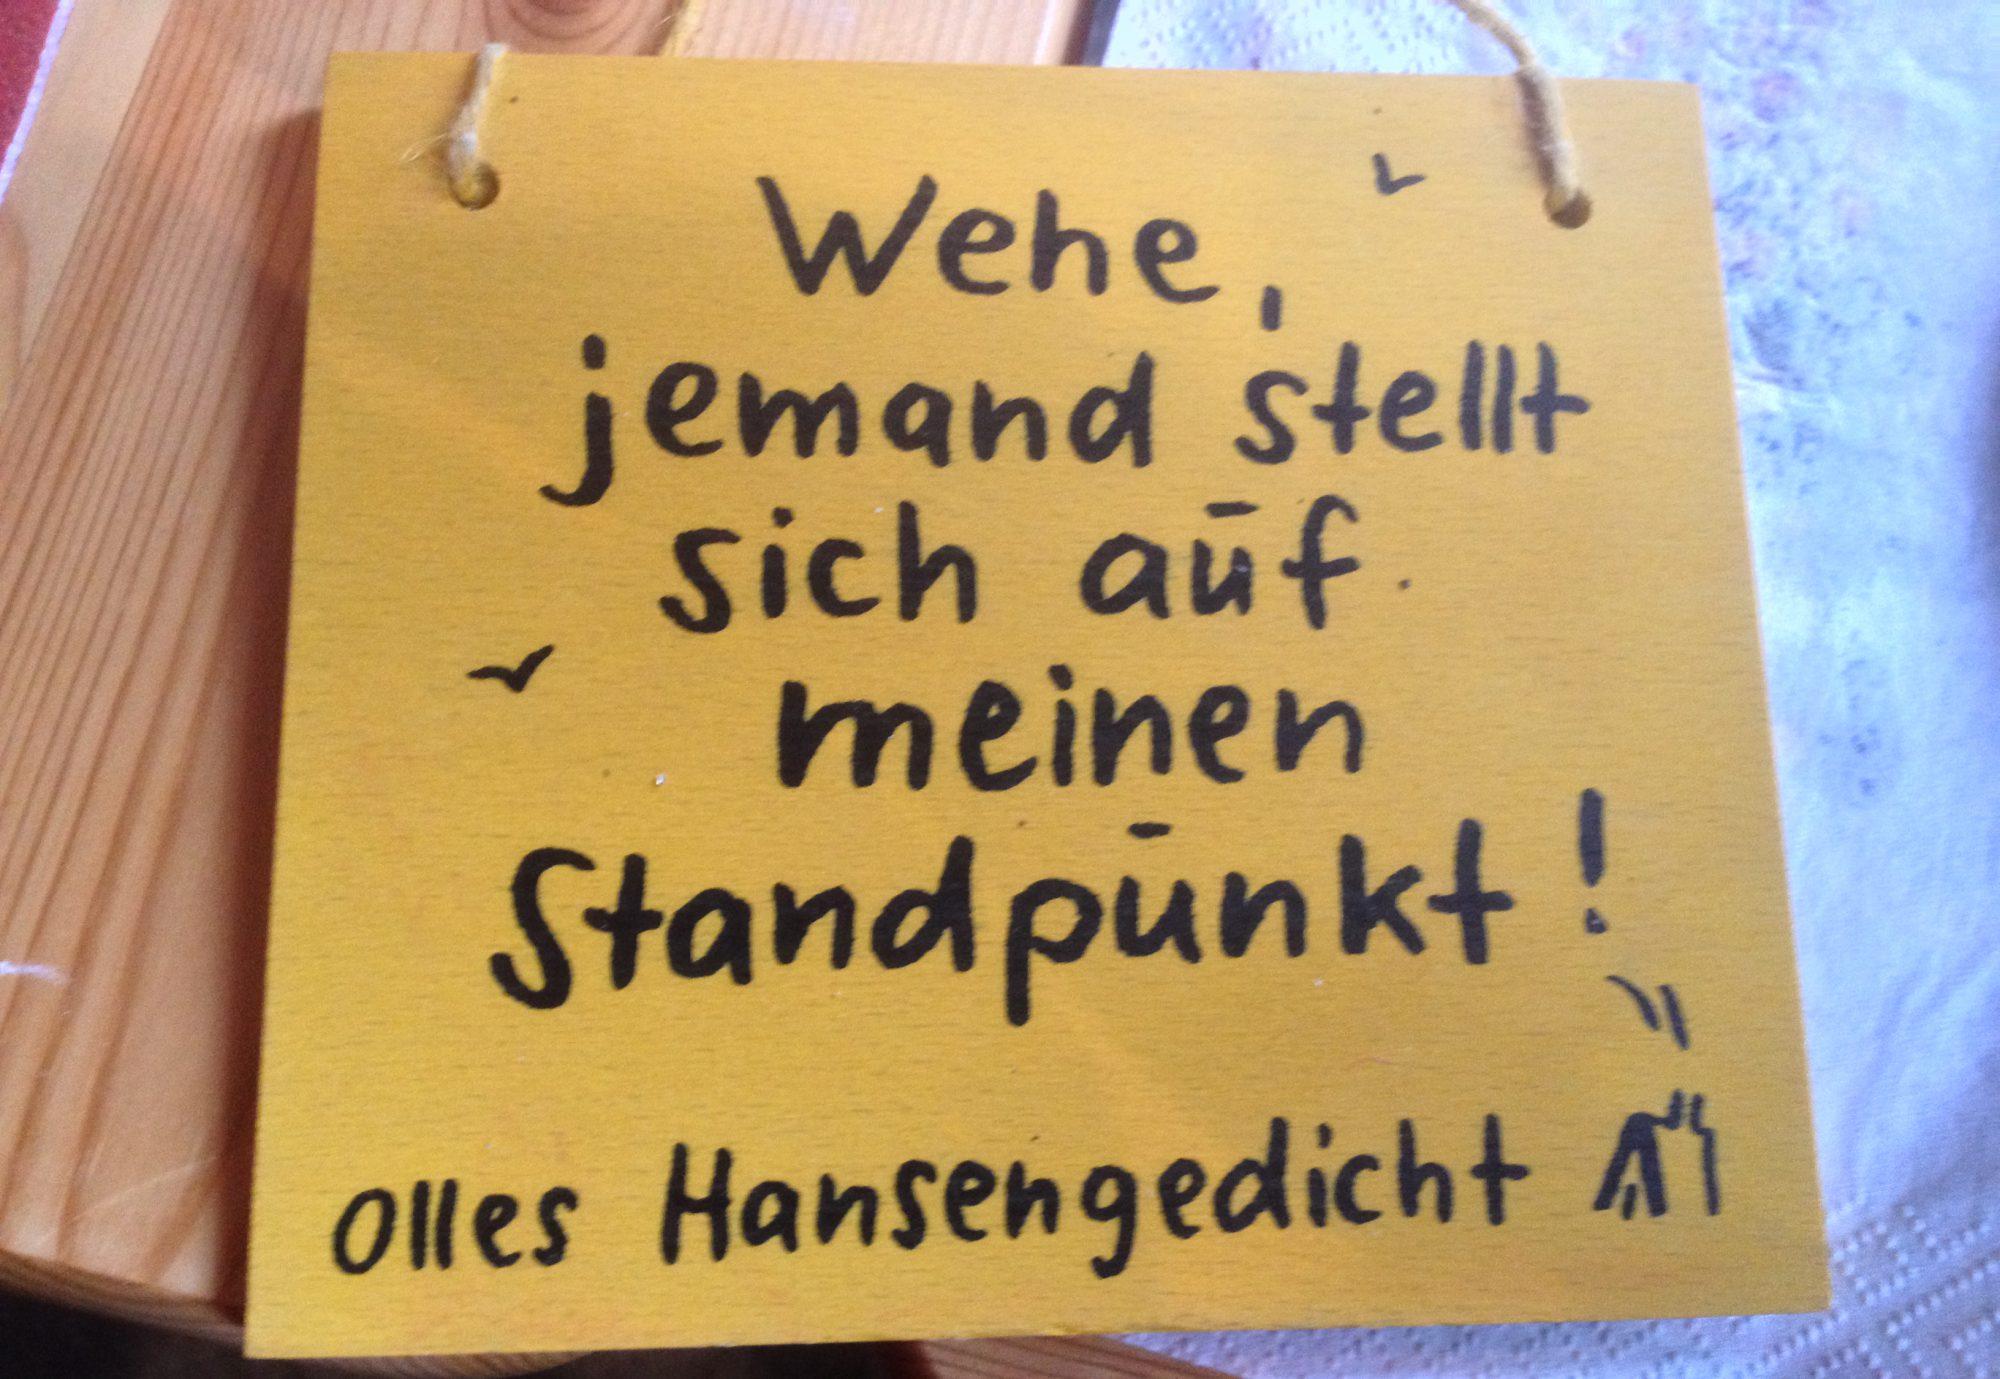 https://tauss-gezwitscher.de